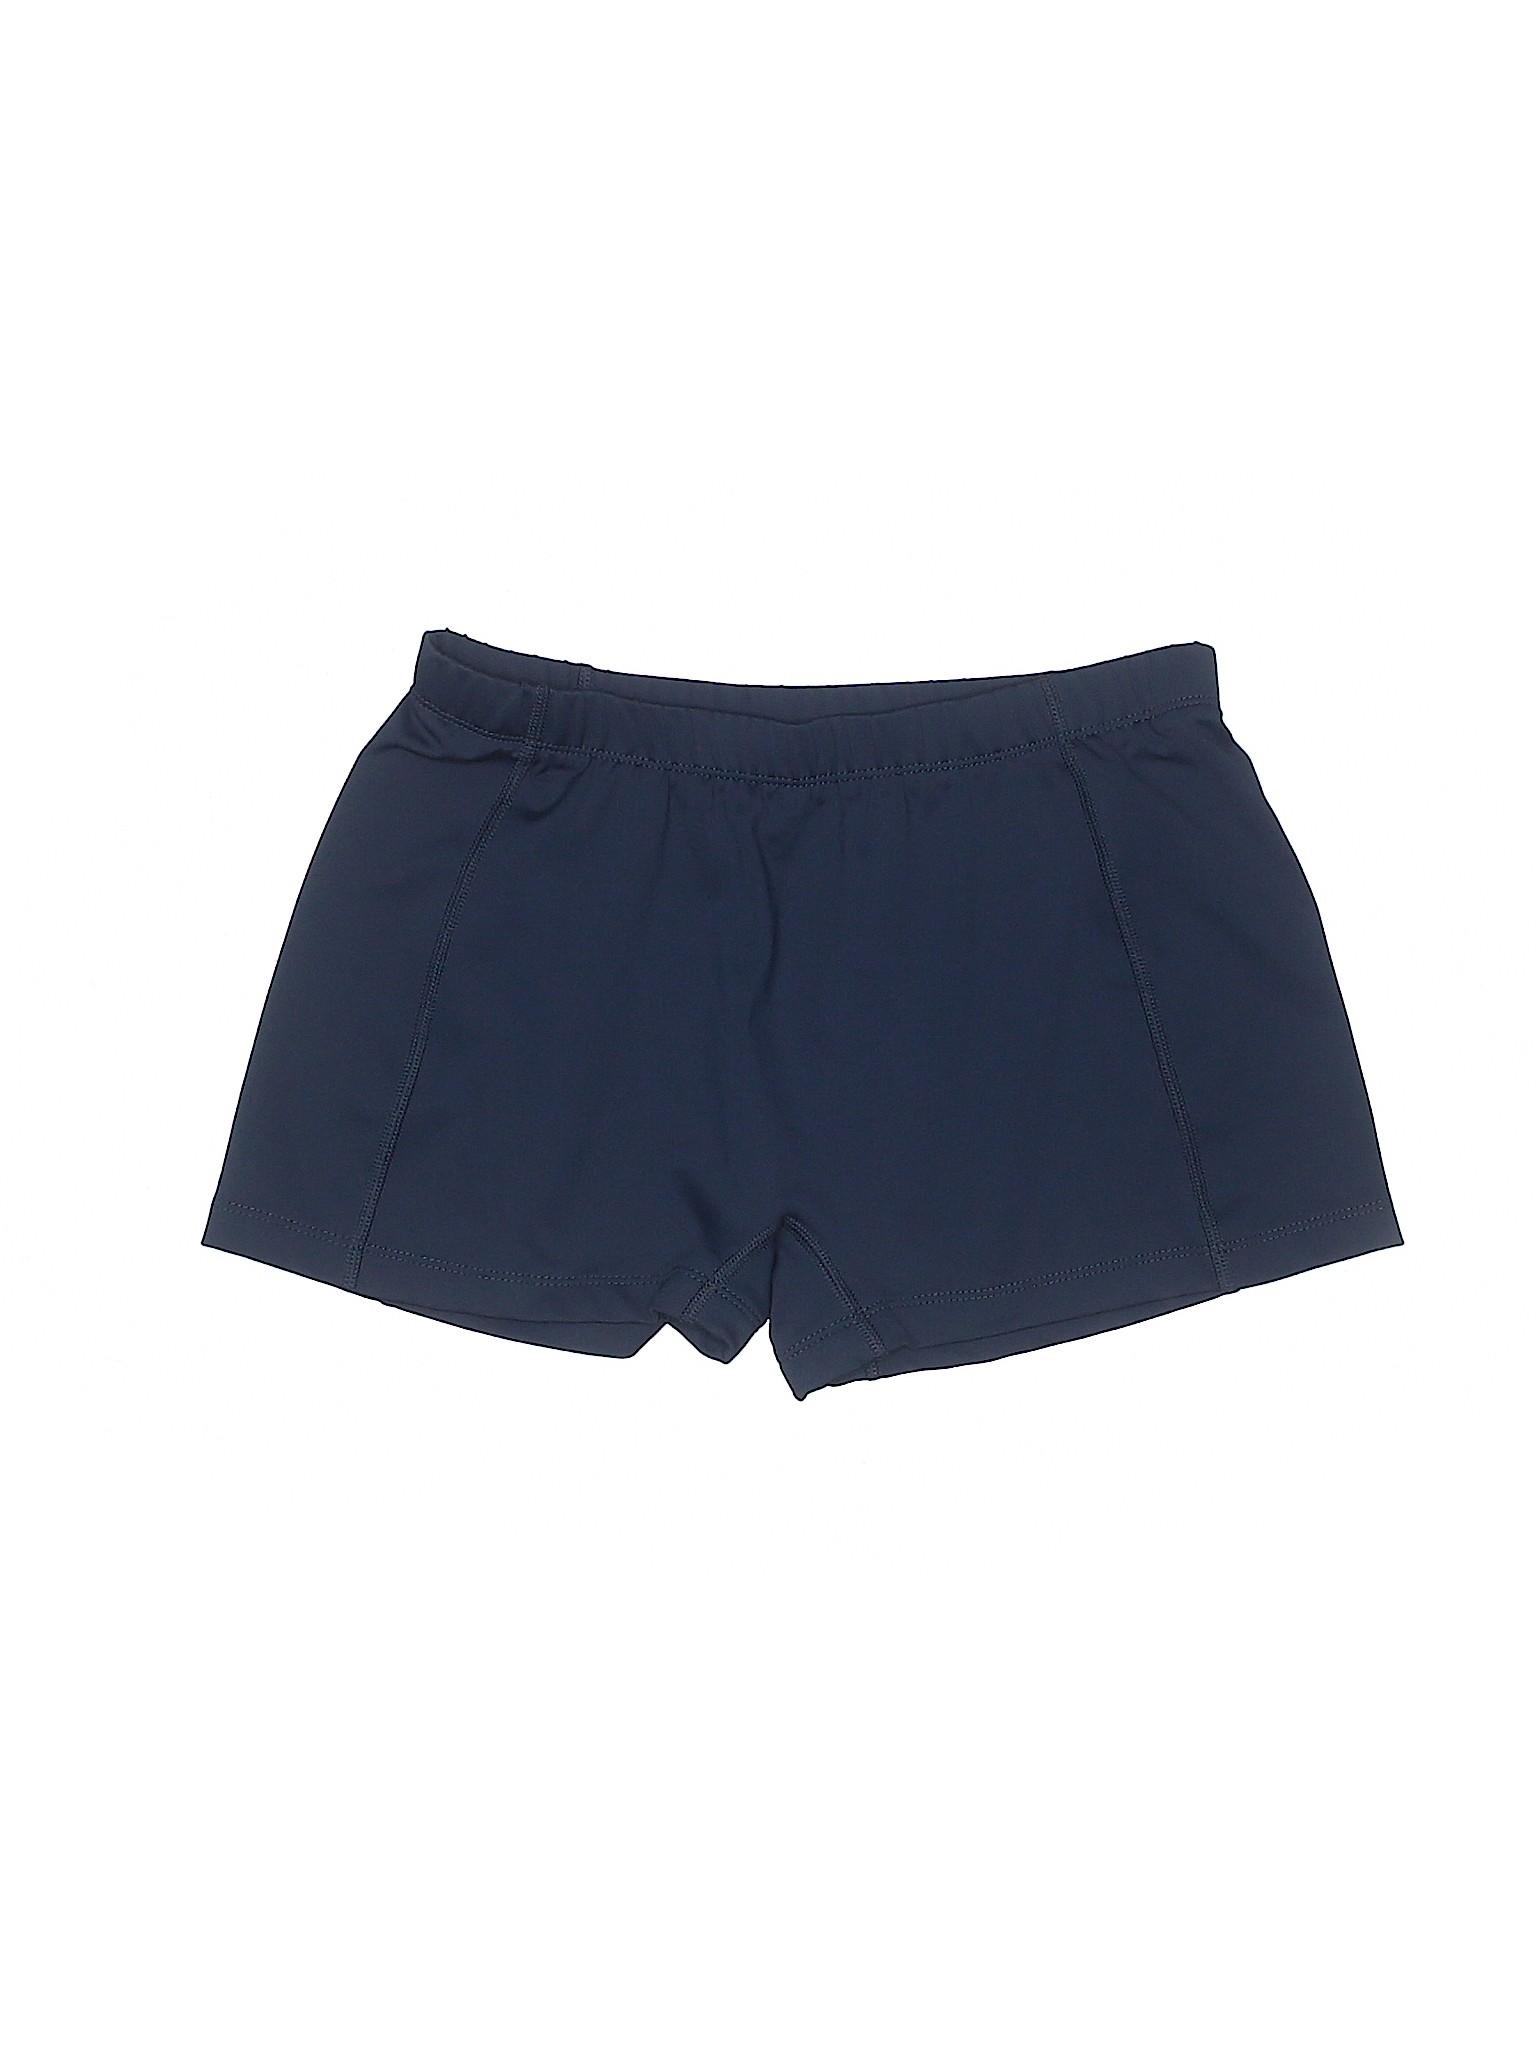 Athletic Bcg Boutique Shorts Boutique Bcg Ew7xt